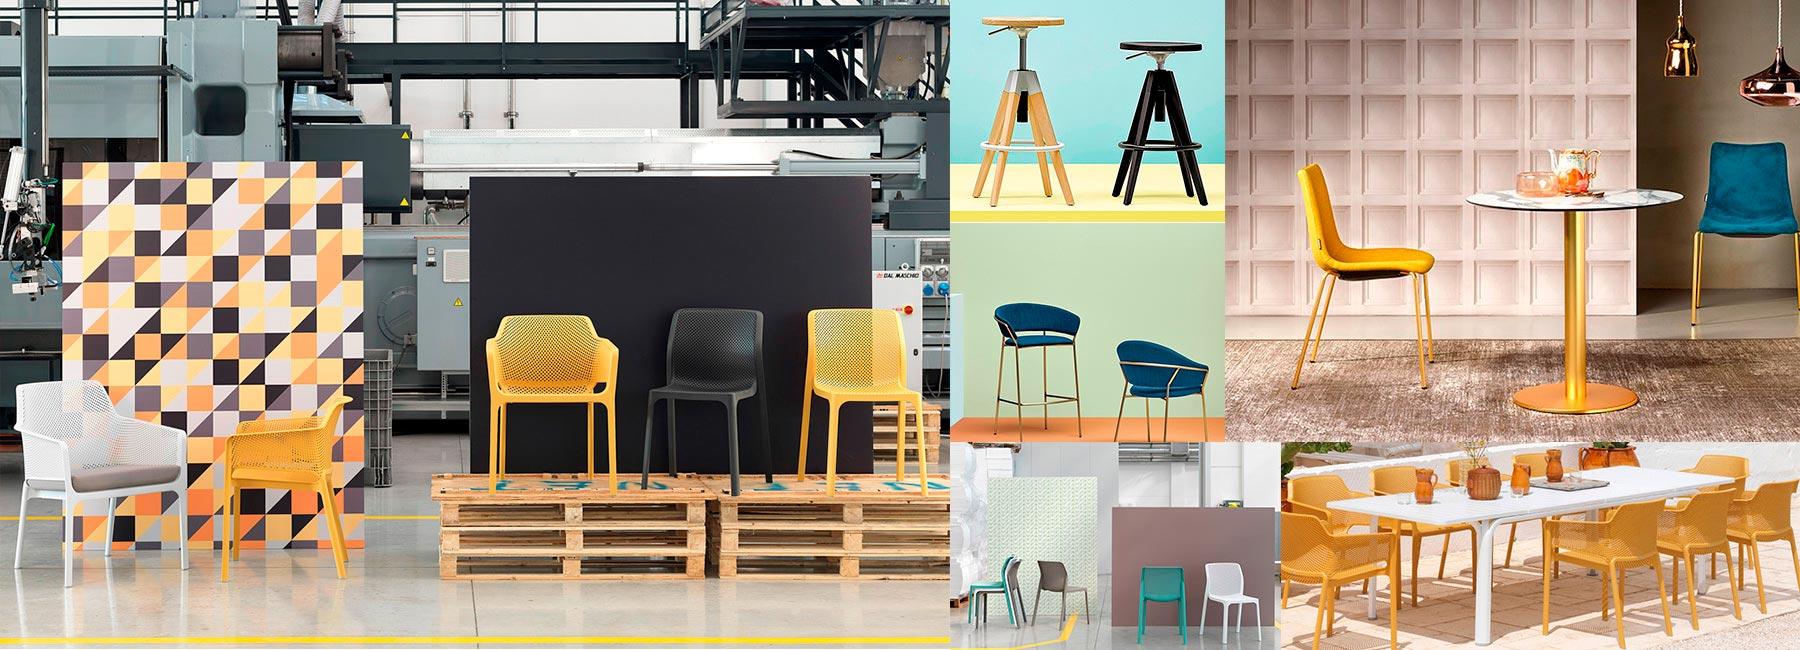 ТОП-5 новинок мебели для дома и улицы из Италии